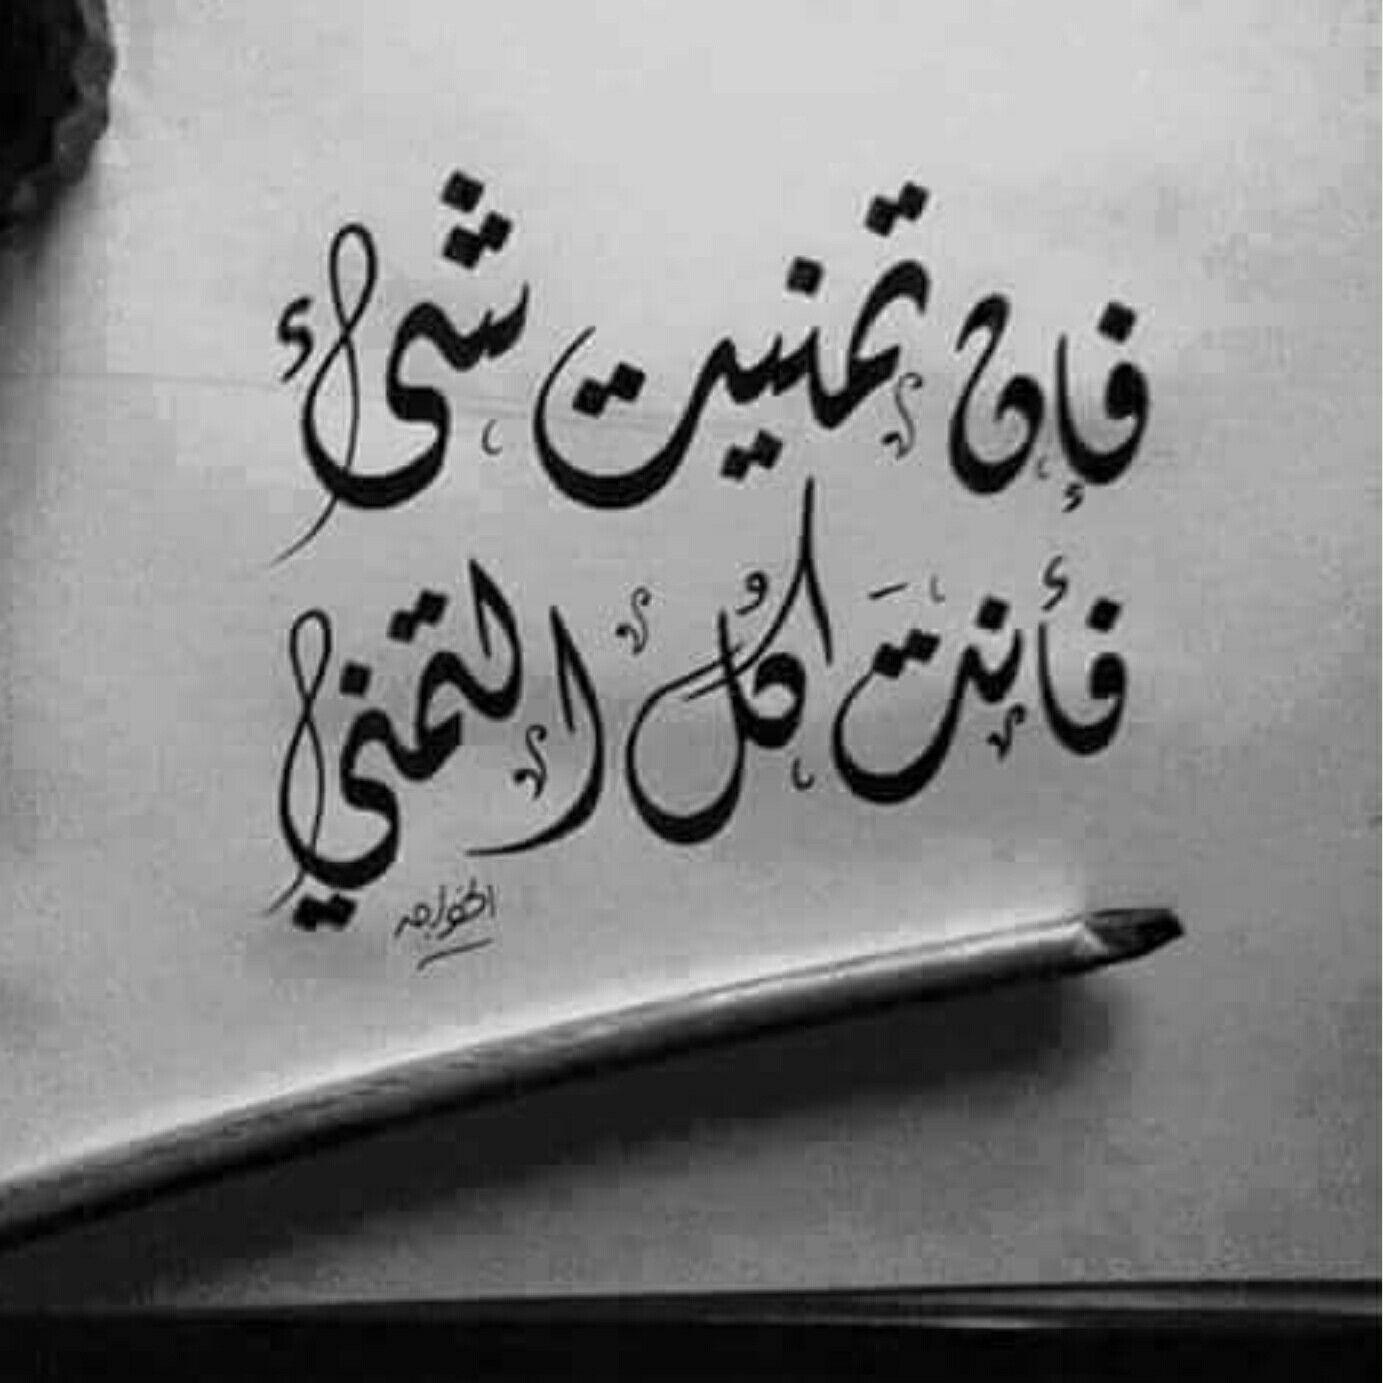 انت كل التمني حب Love Quotes Wallpaper Arabic Love Quotes Love Husband Quotes